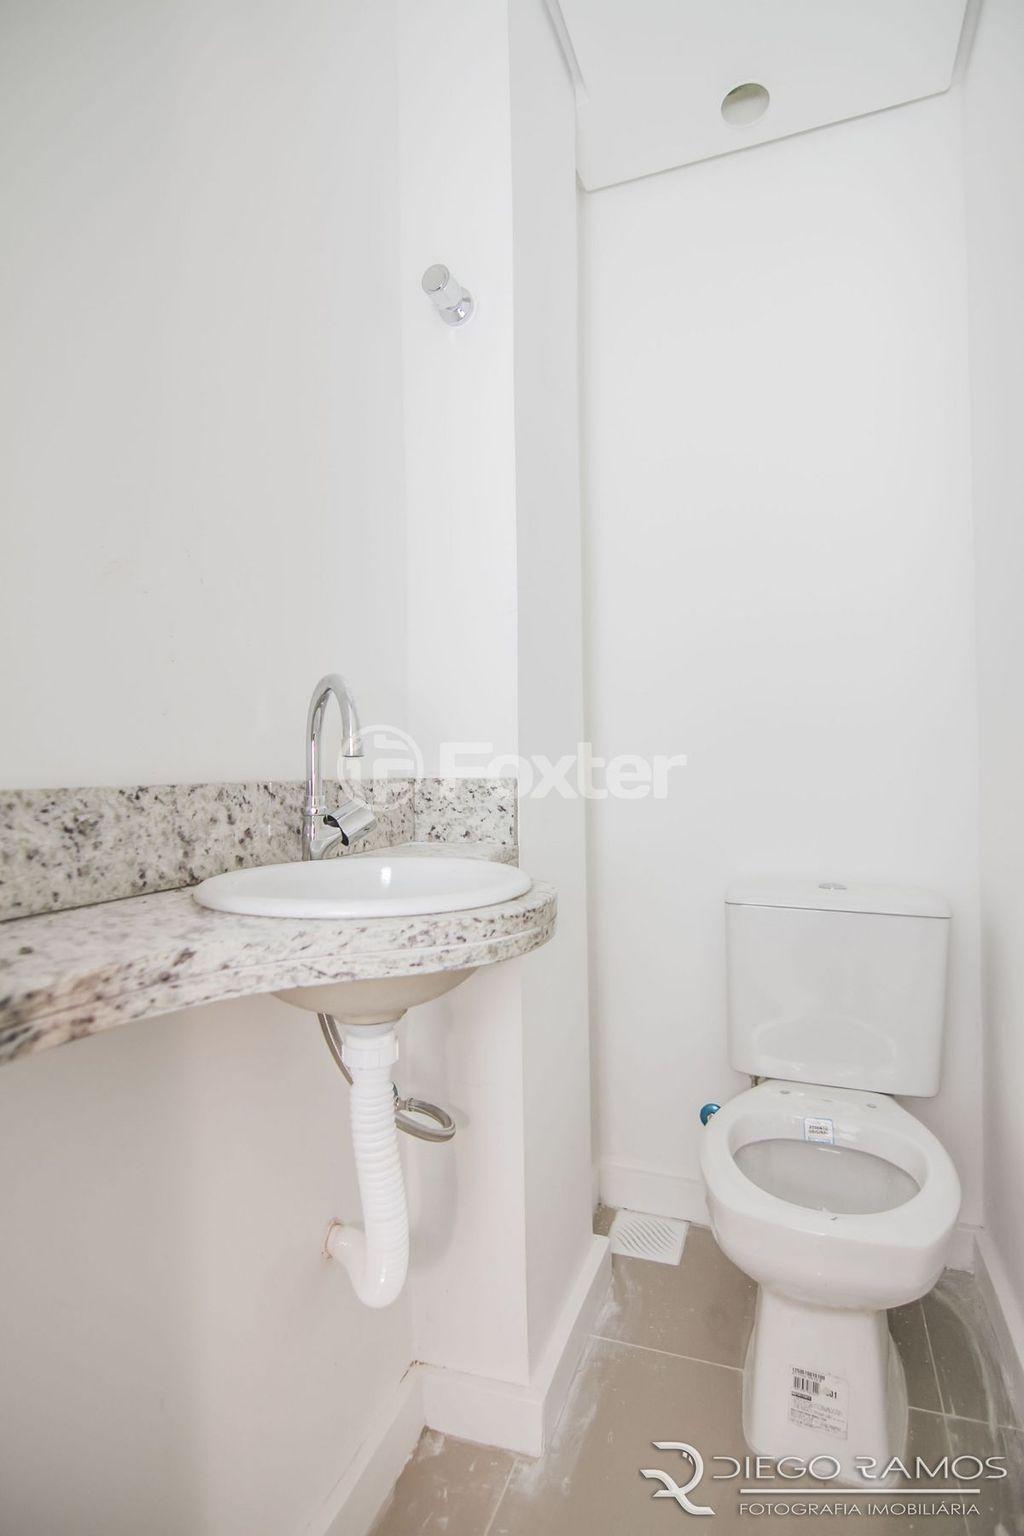 Foxter Imobiliária - Apto 3 Dorm, Cristal (125734) - Foto 9